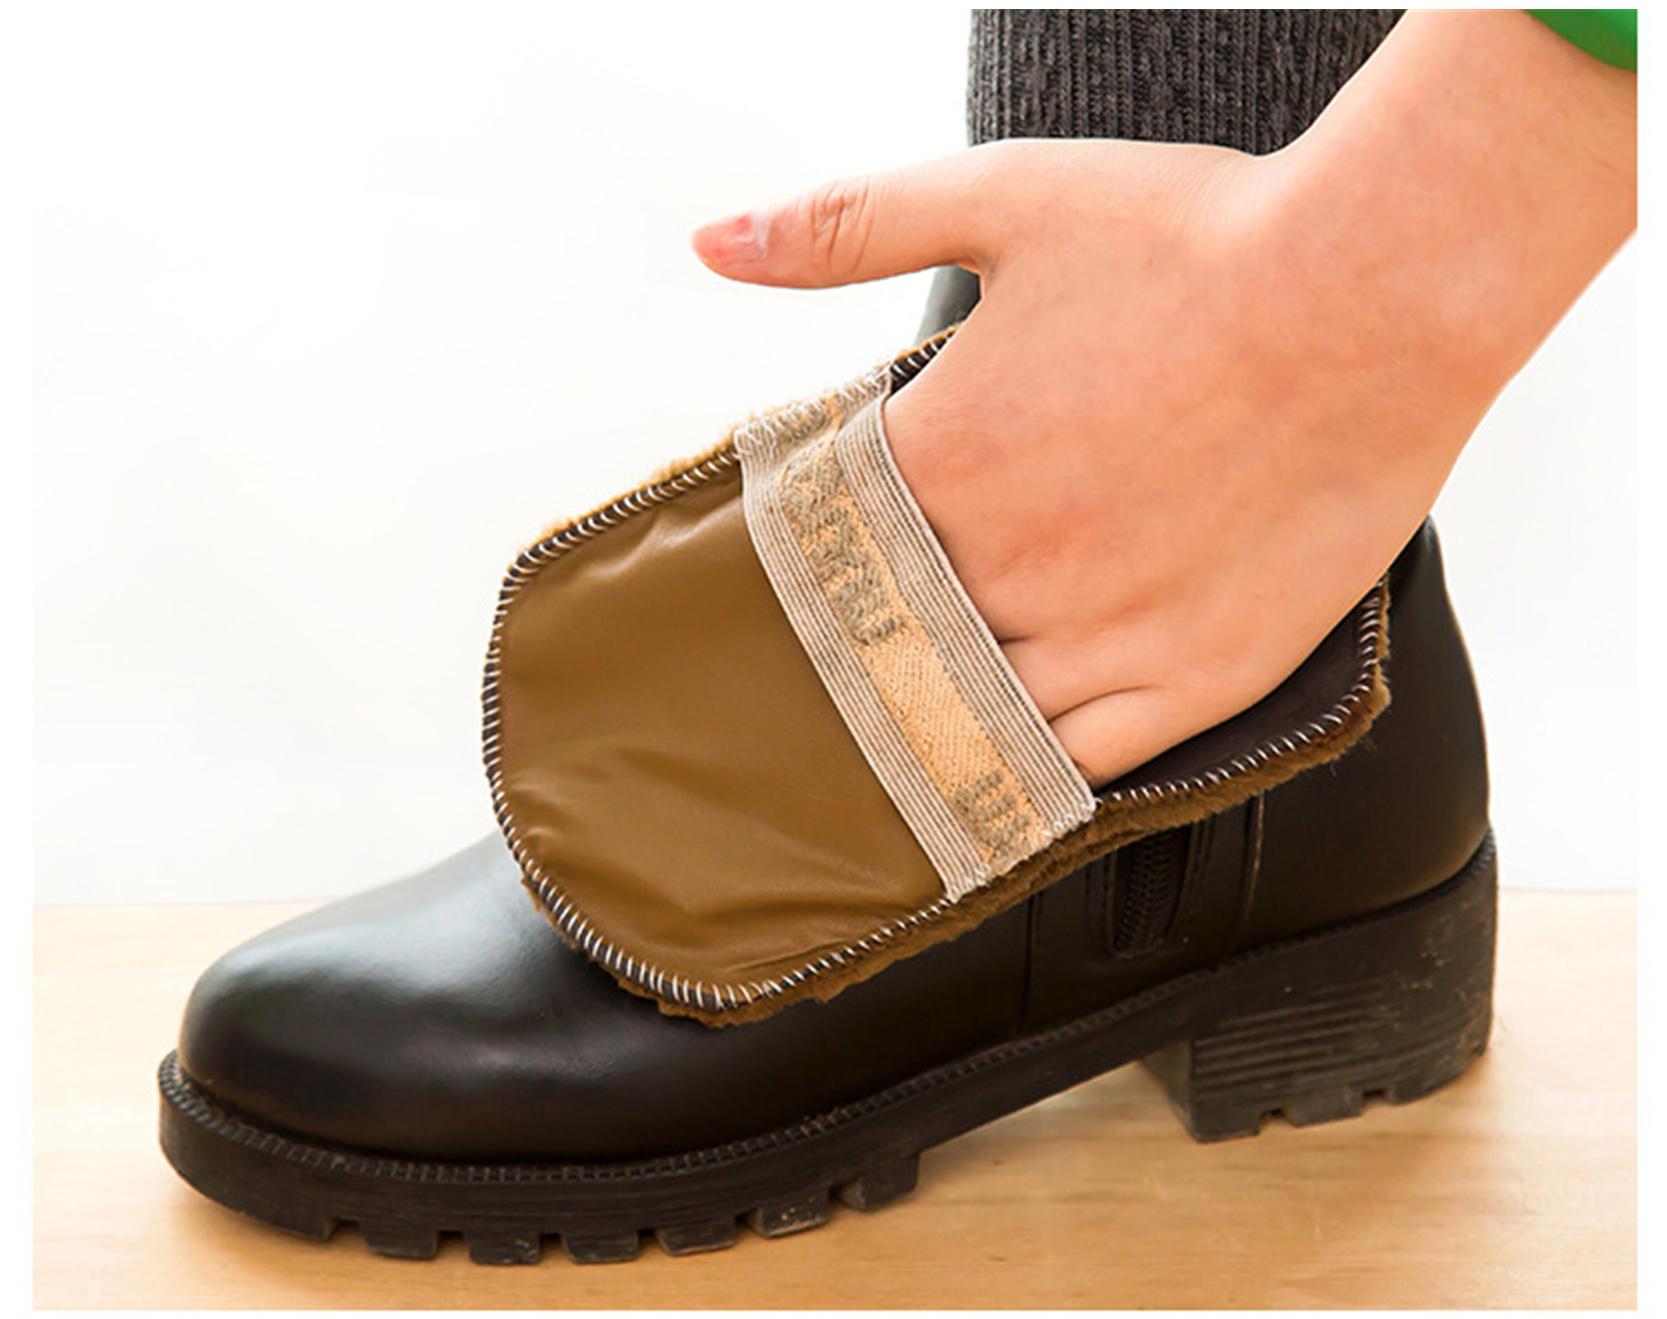 Уход за обувью из шлифованных кож 5